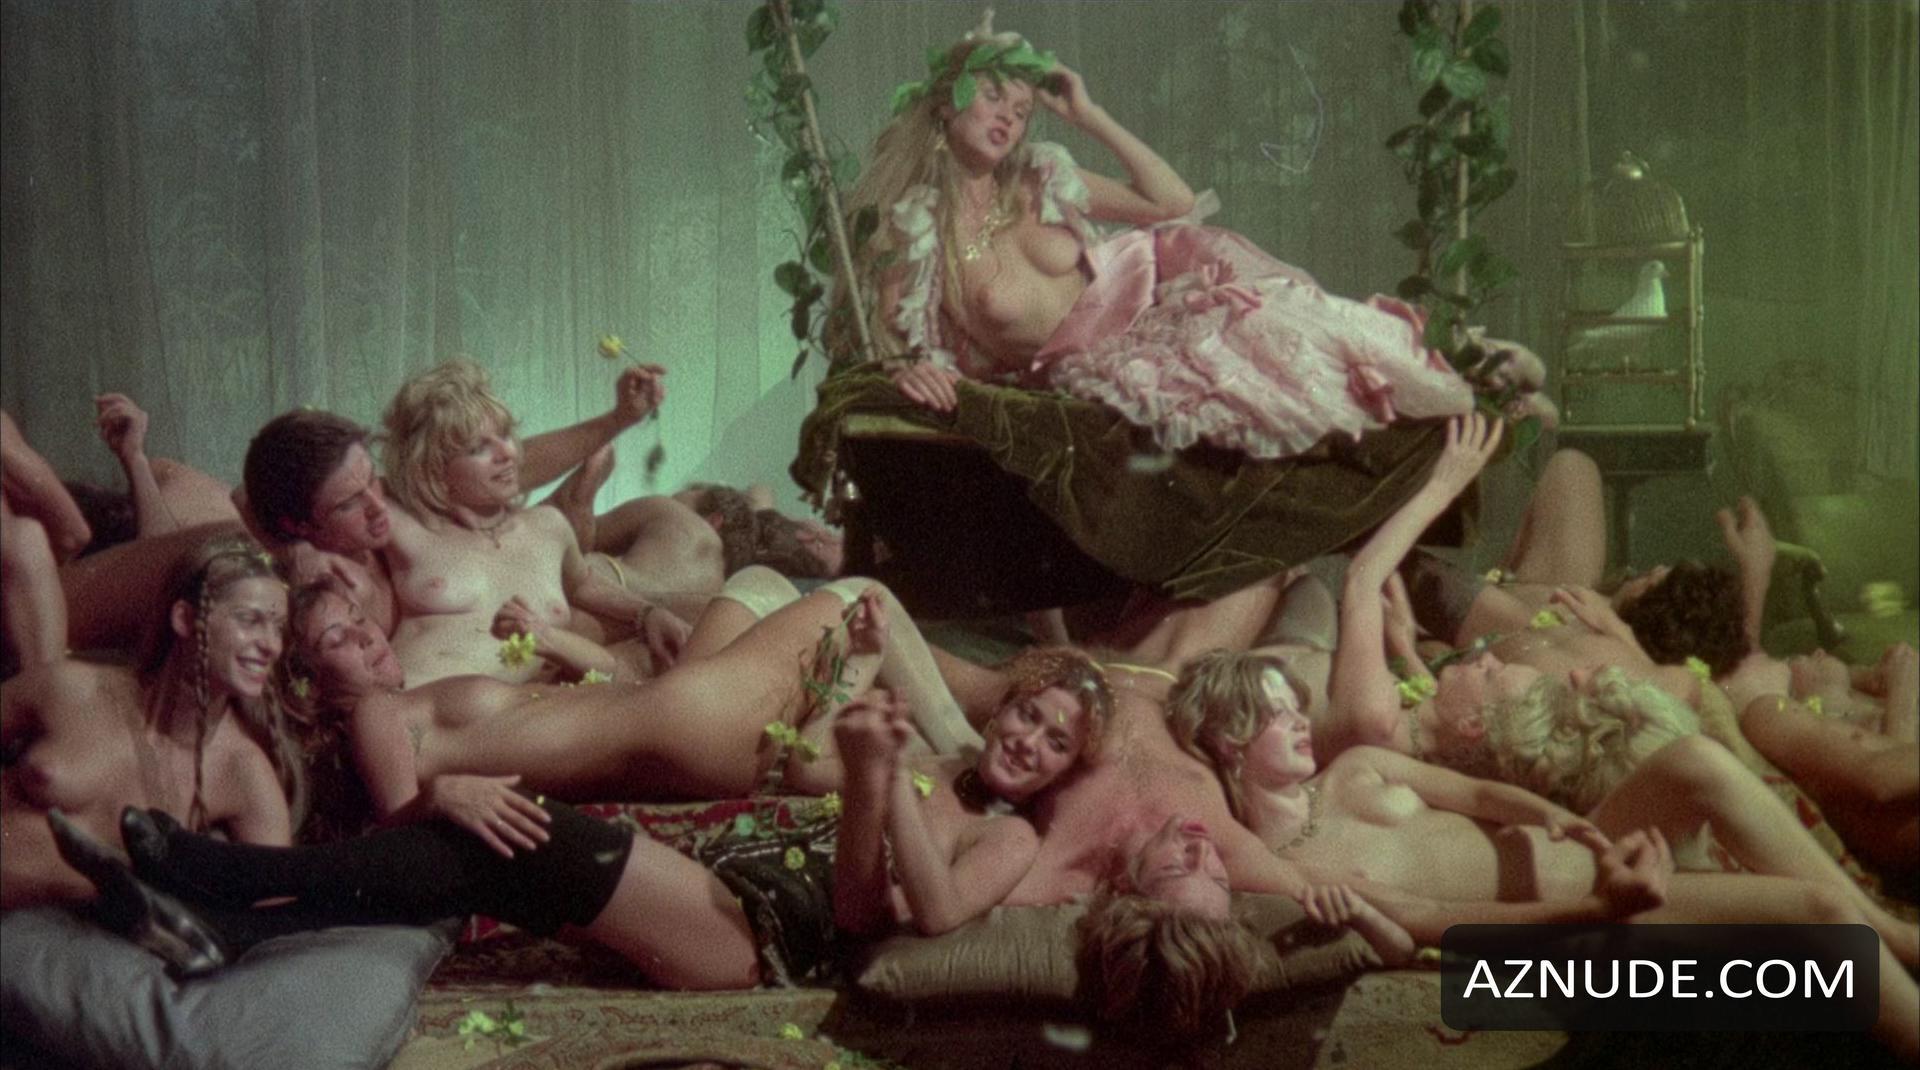 nude amaeture sex scenes